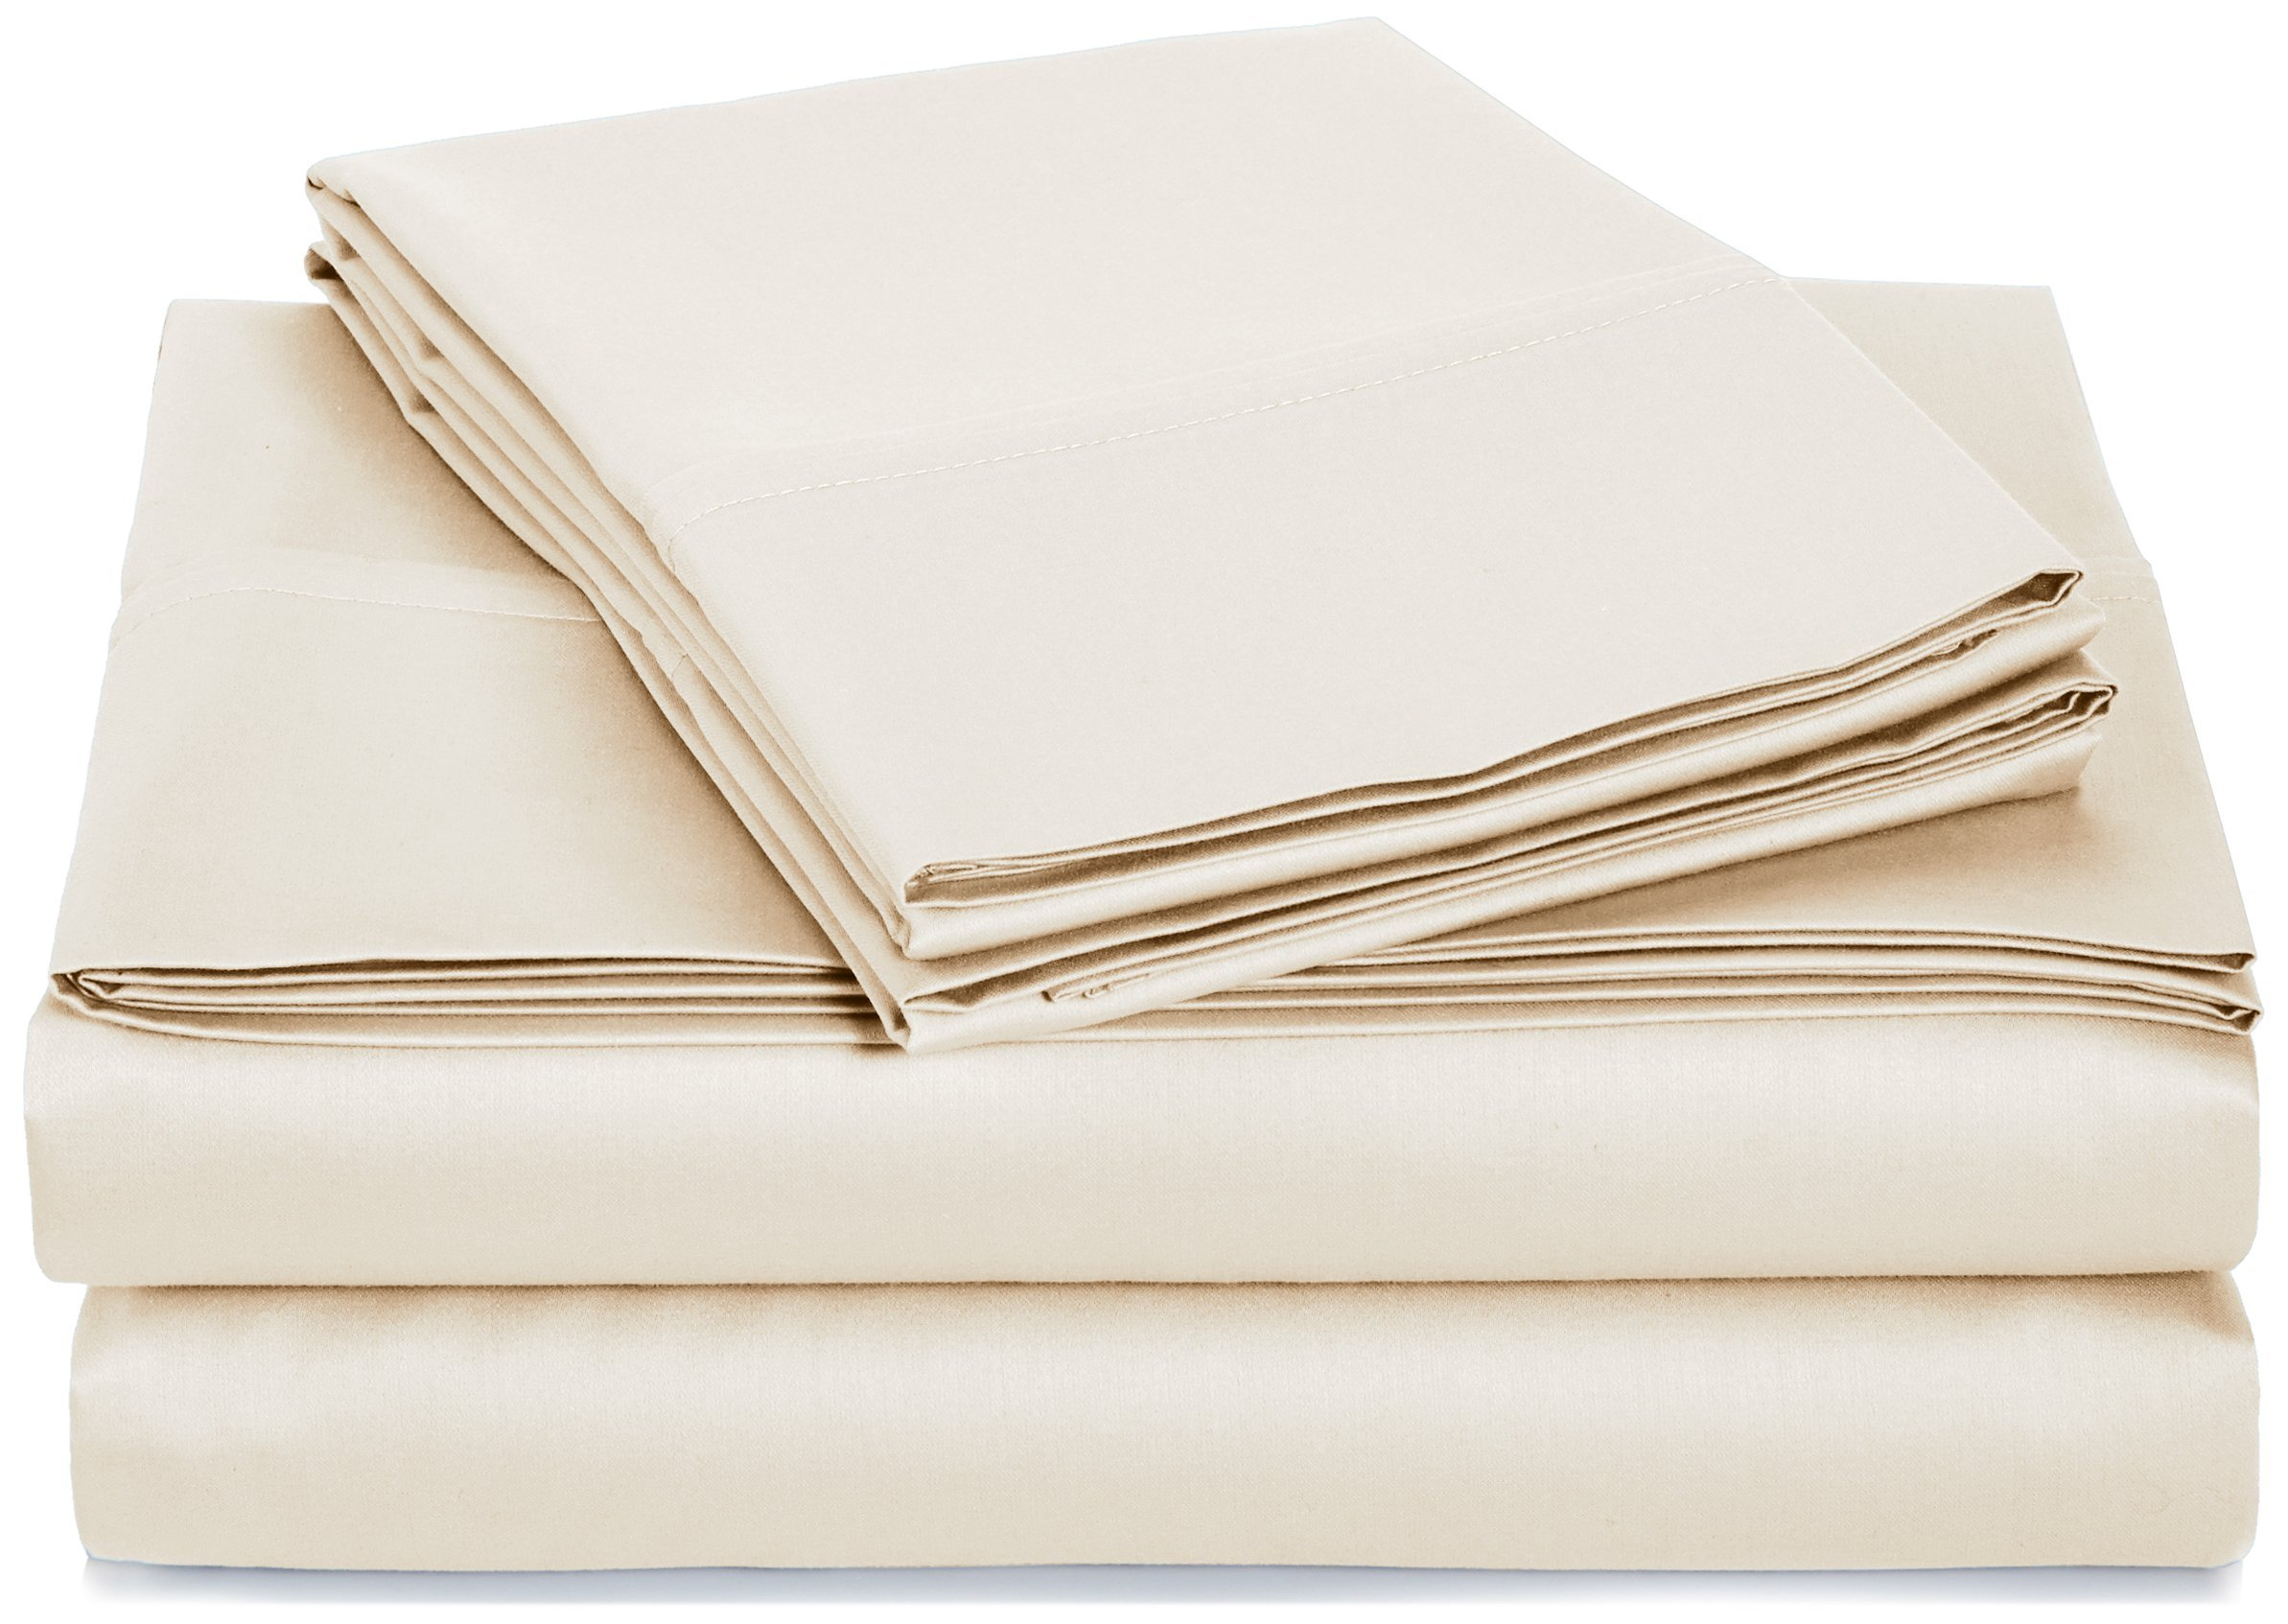 AmazonBasics 400 Thread Count Sheet Set, 100% Cotton, Sateen Finish - Full, Beige